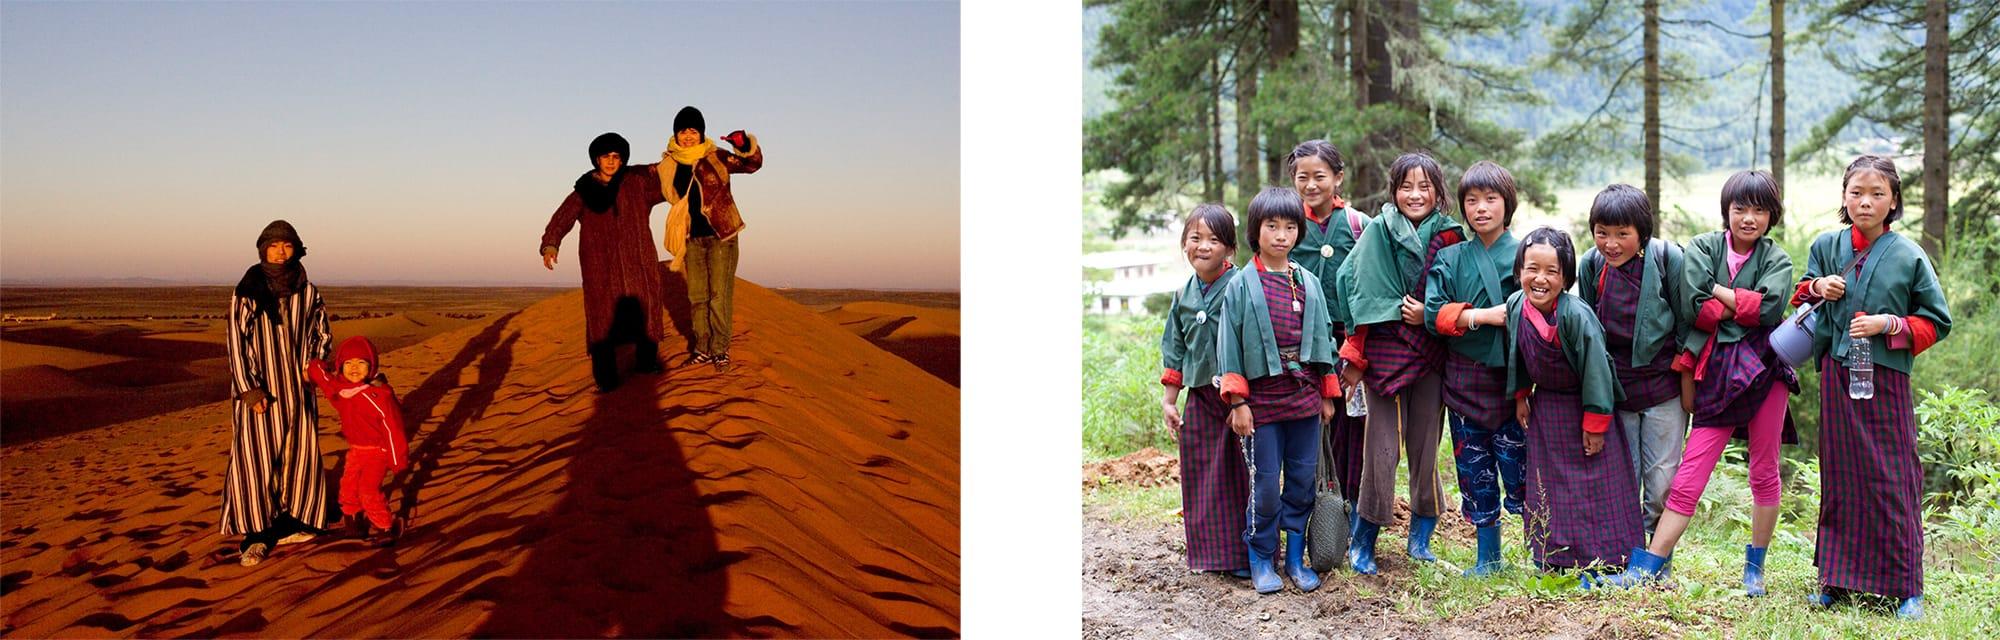 秘境への旅もライフワークのひとつだった。キューバやブーダン、アフリカのマリのフリースクールなどを訪ね、異文化に触れ多くを学んできた。左はモロッコのサハラ砂漠を家族で旅した時。下はブーダンの子供たち。はつらつとした笑顔が美しい。